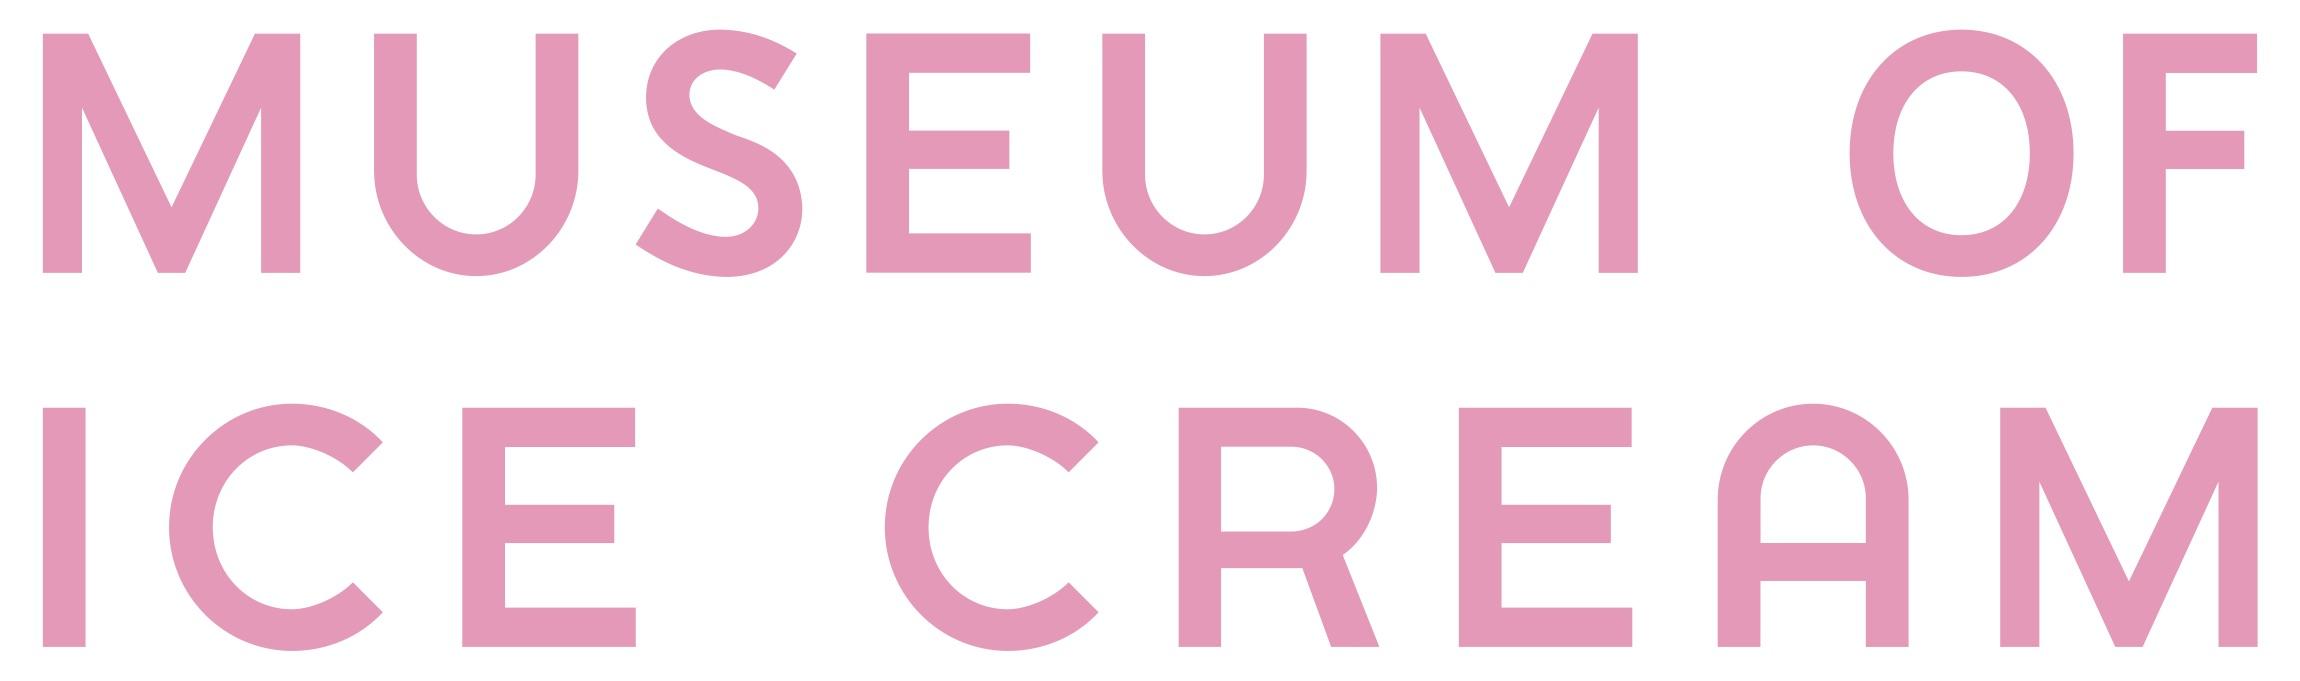 Explore Companies | Uncubed